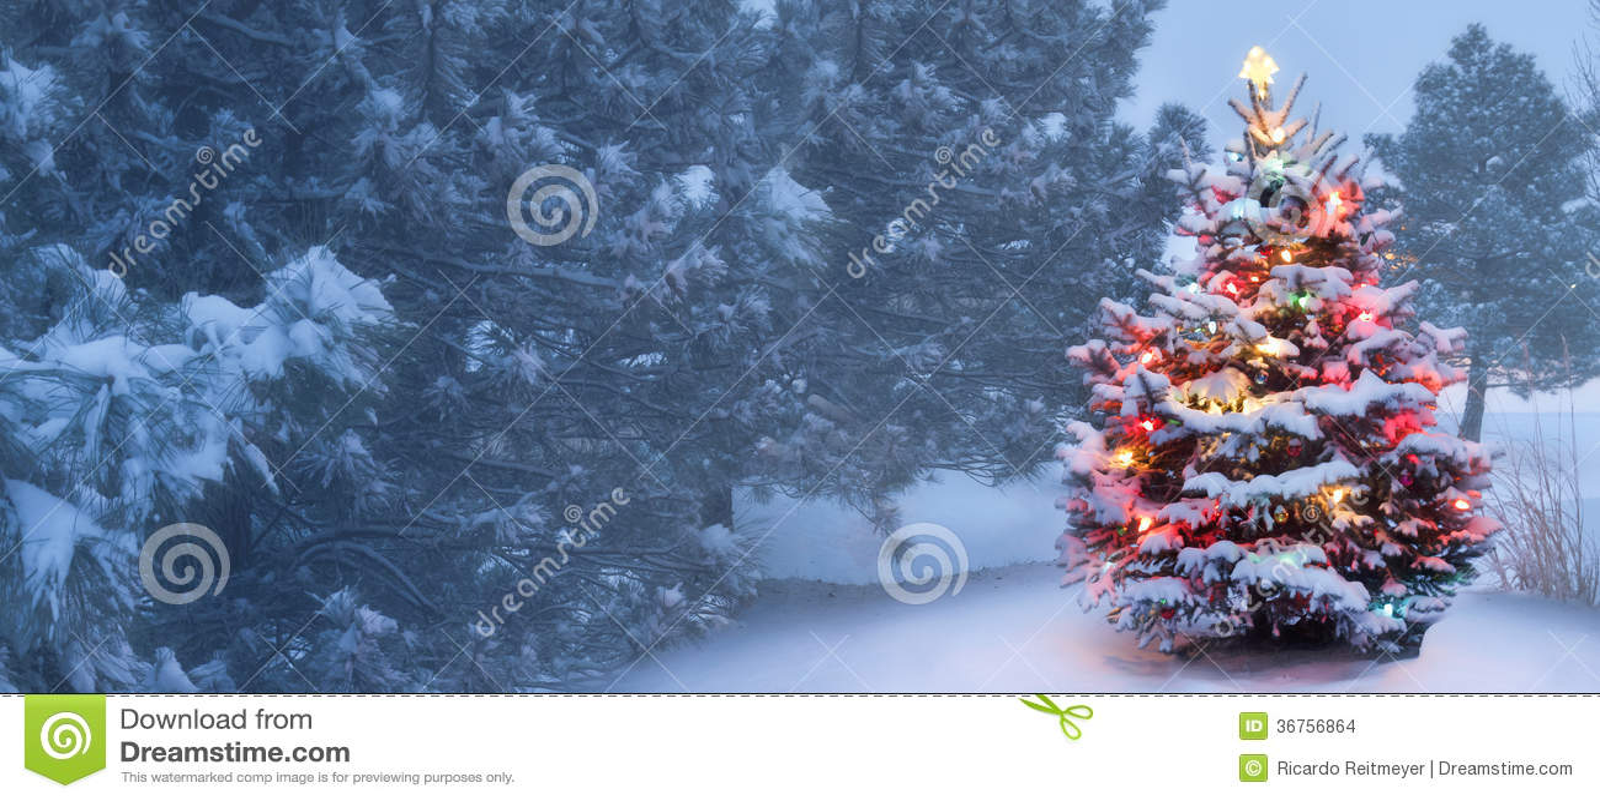 Este árbol brilla intensamente brillantemente en mañana de la Navidad de niebla nevada